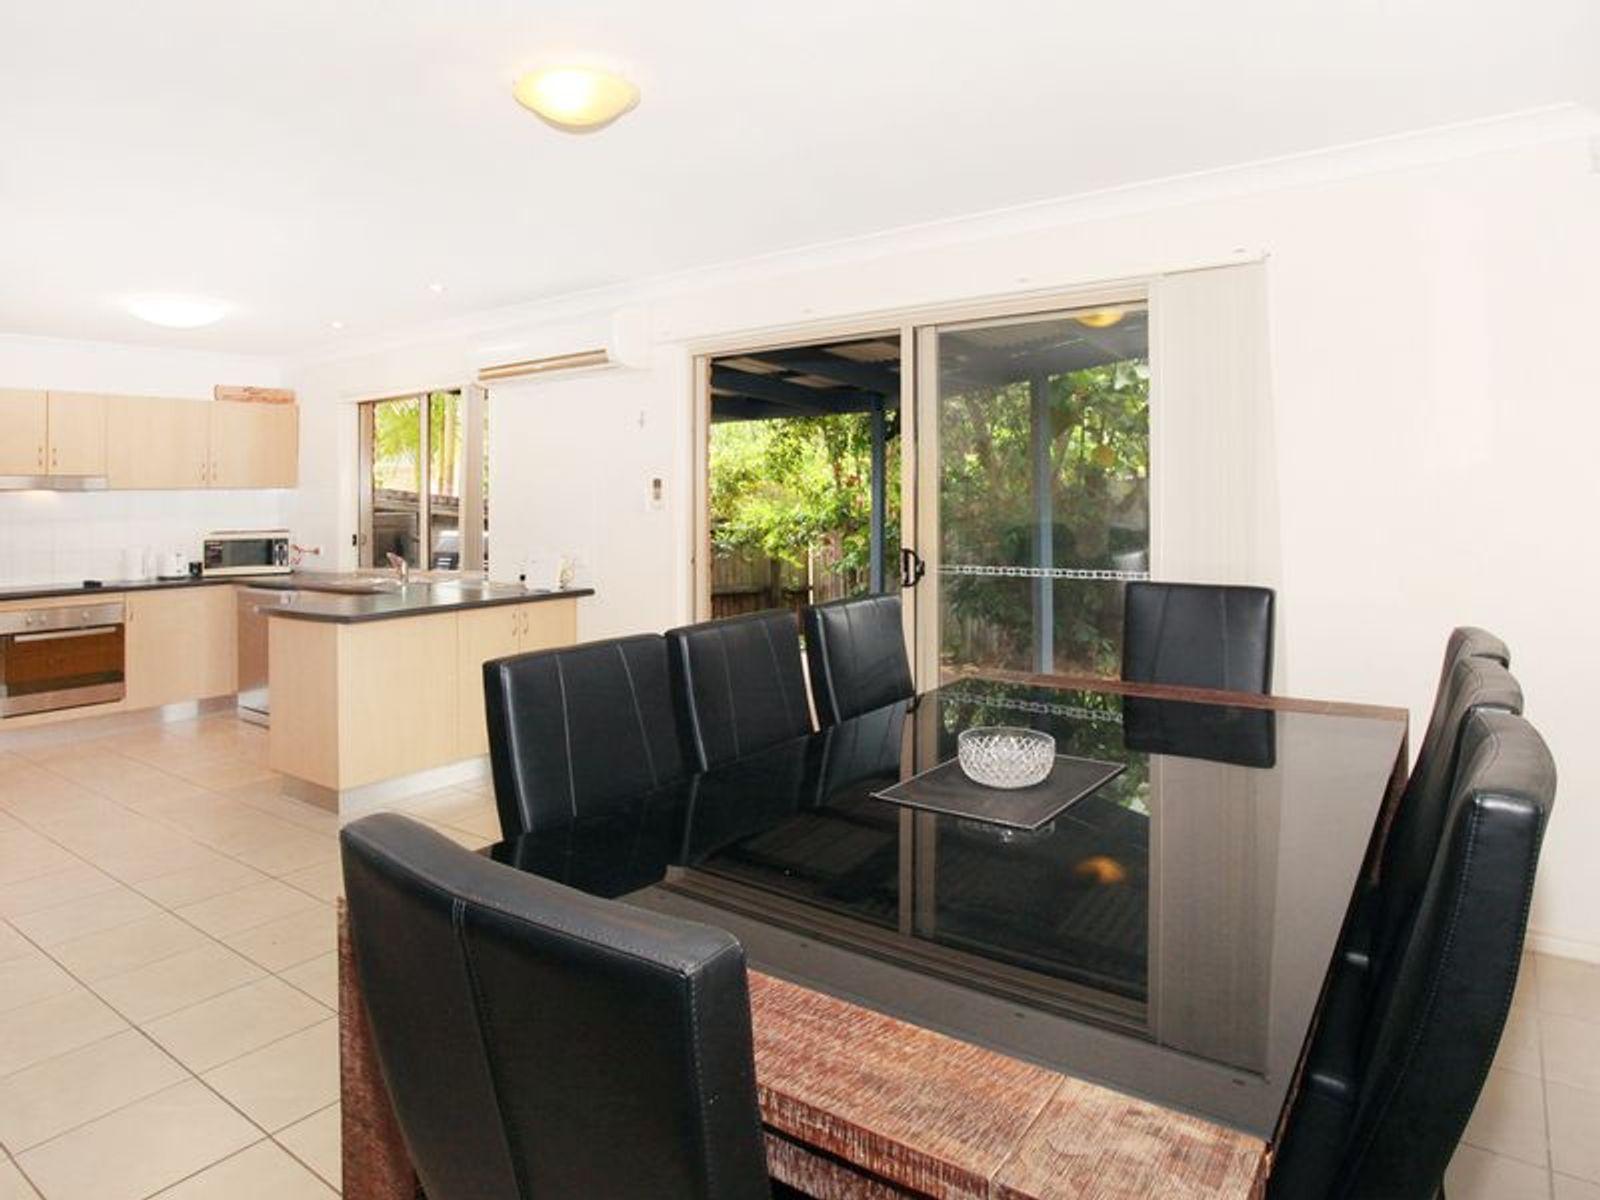 5/68 Carter Road, Nambour, QLD 4560